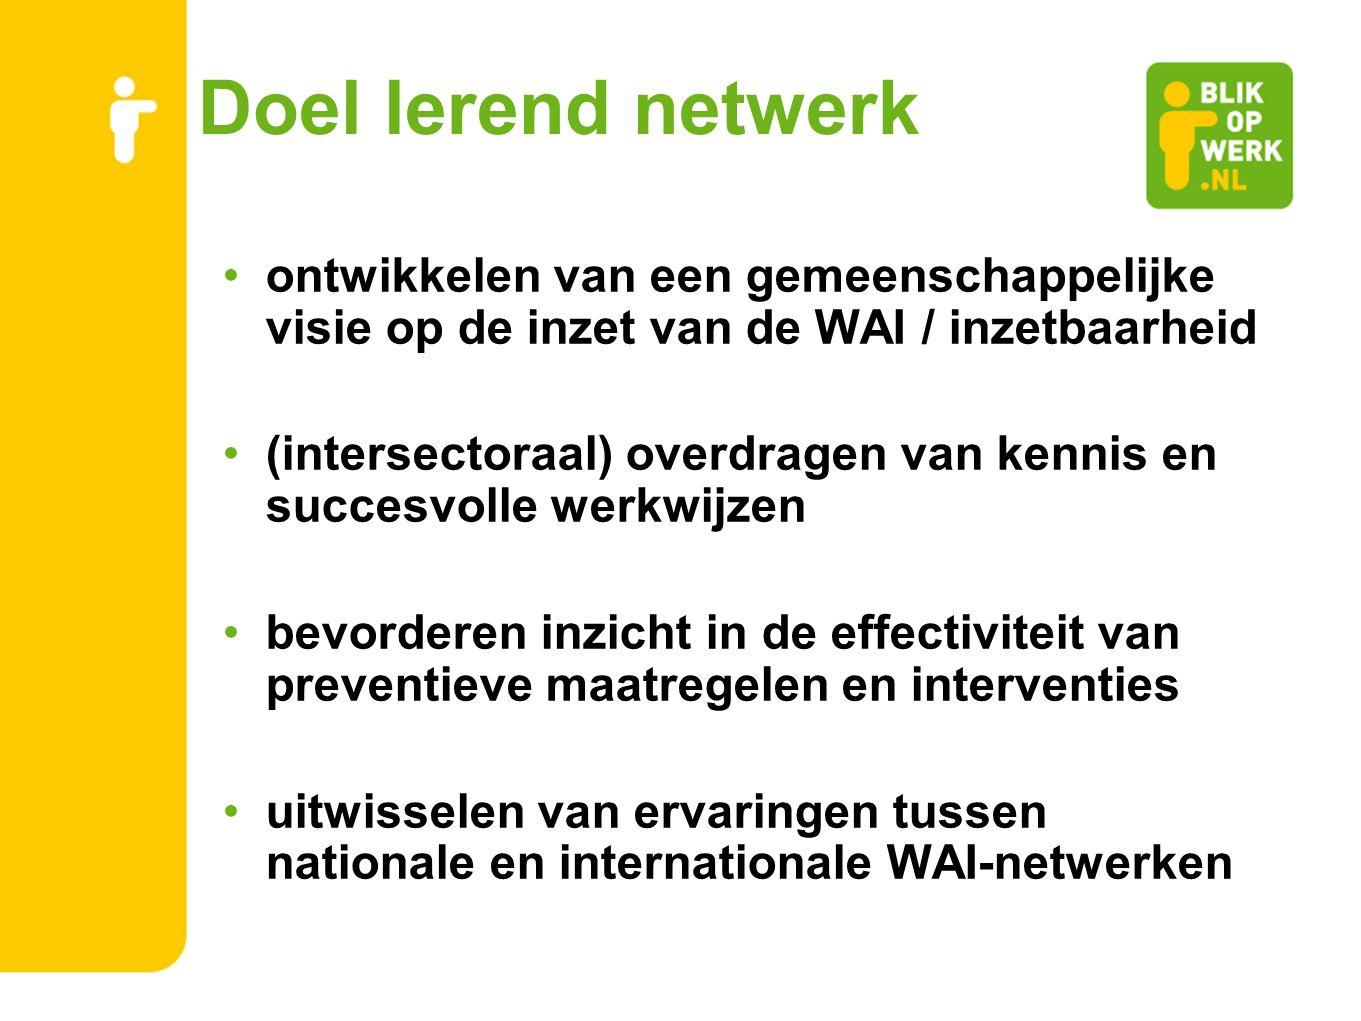 Doel lerend netwerk ontwikkelen van een gemeenschappelijke visie op de inzet van de WAI / inzetbaarheid (intersectoraal) overdragen van kennis en succ